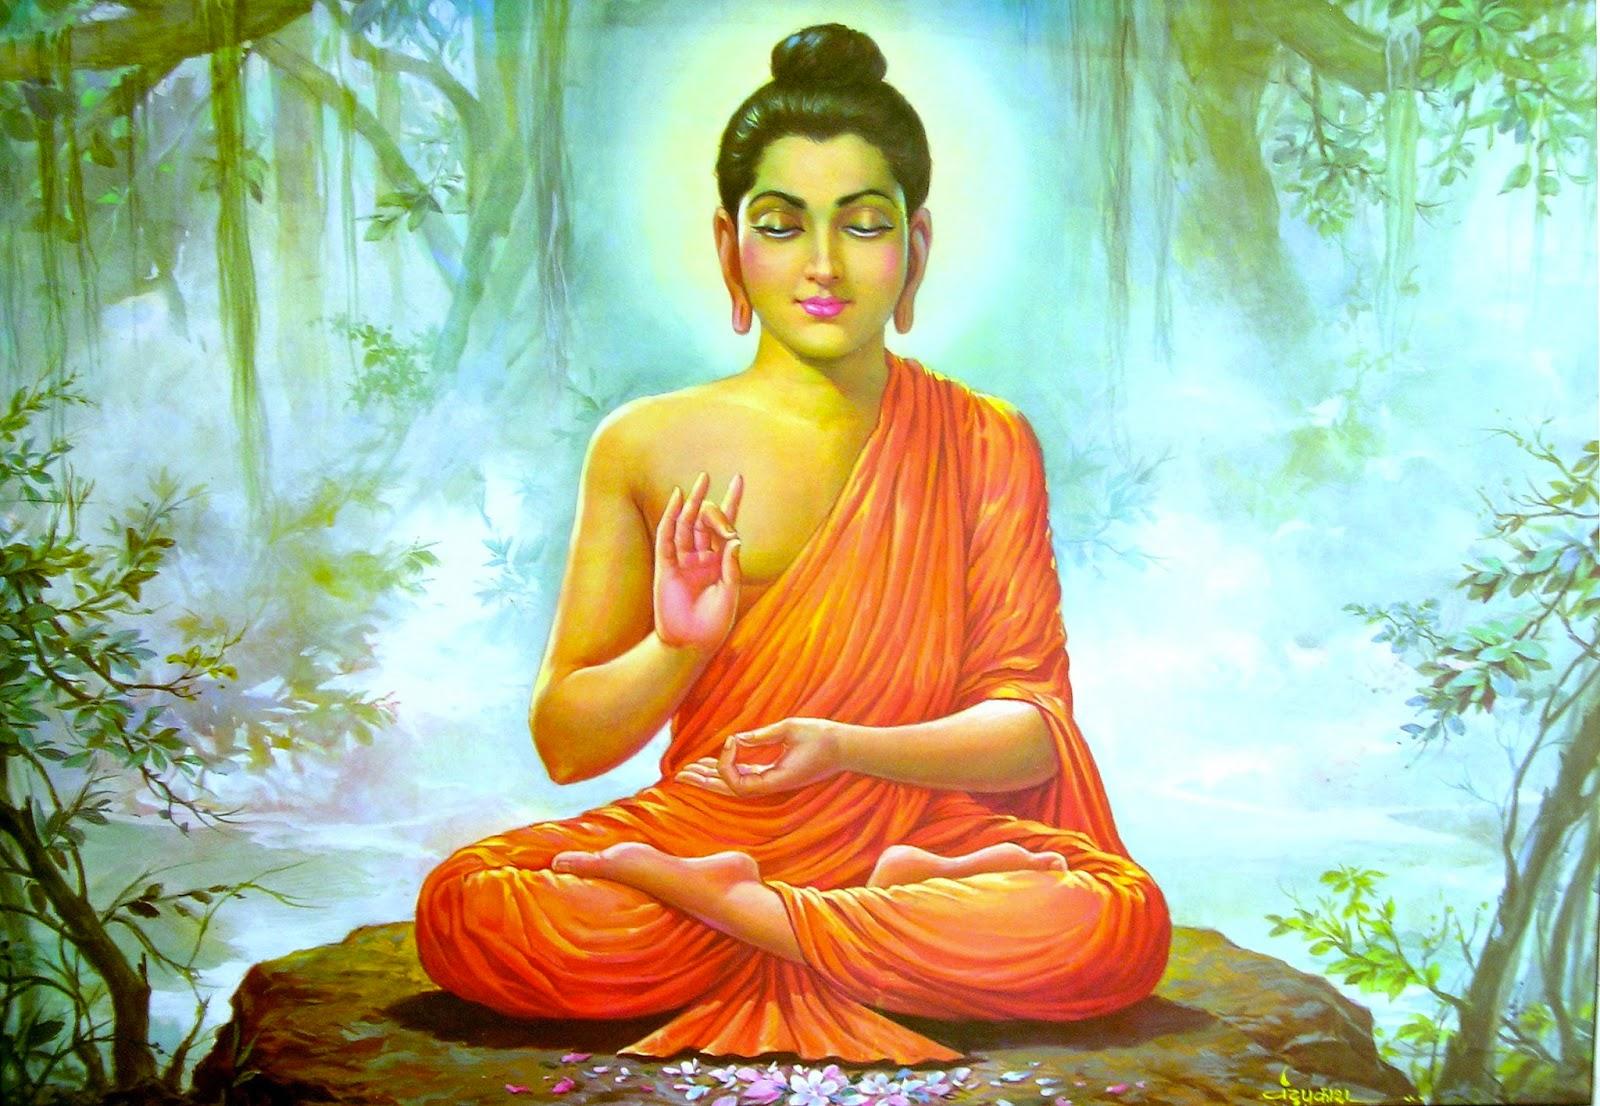 Ảnh Đức Phật Thích Ca Mâu Ni